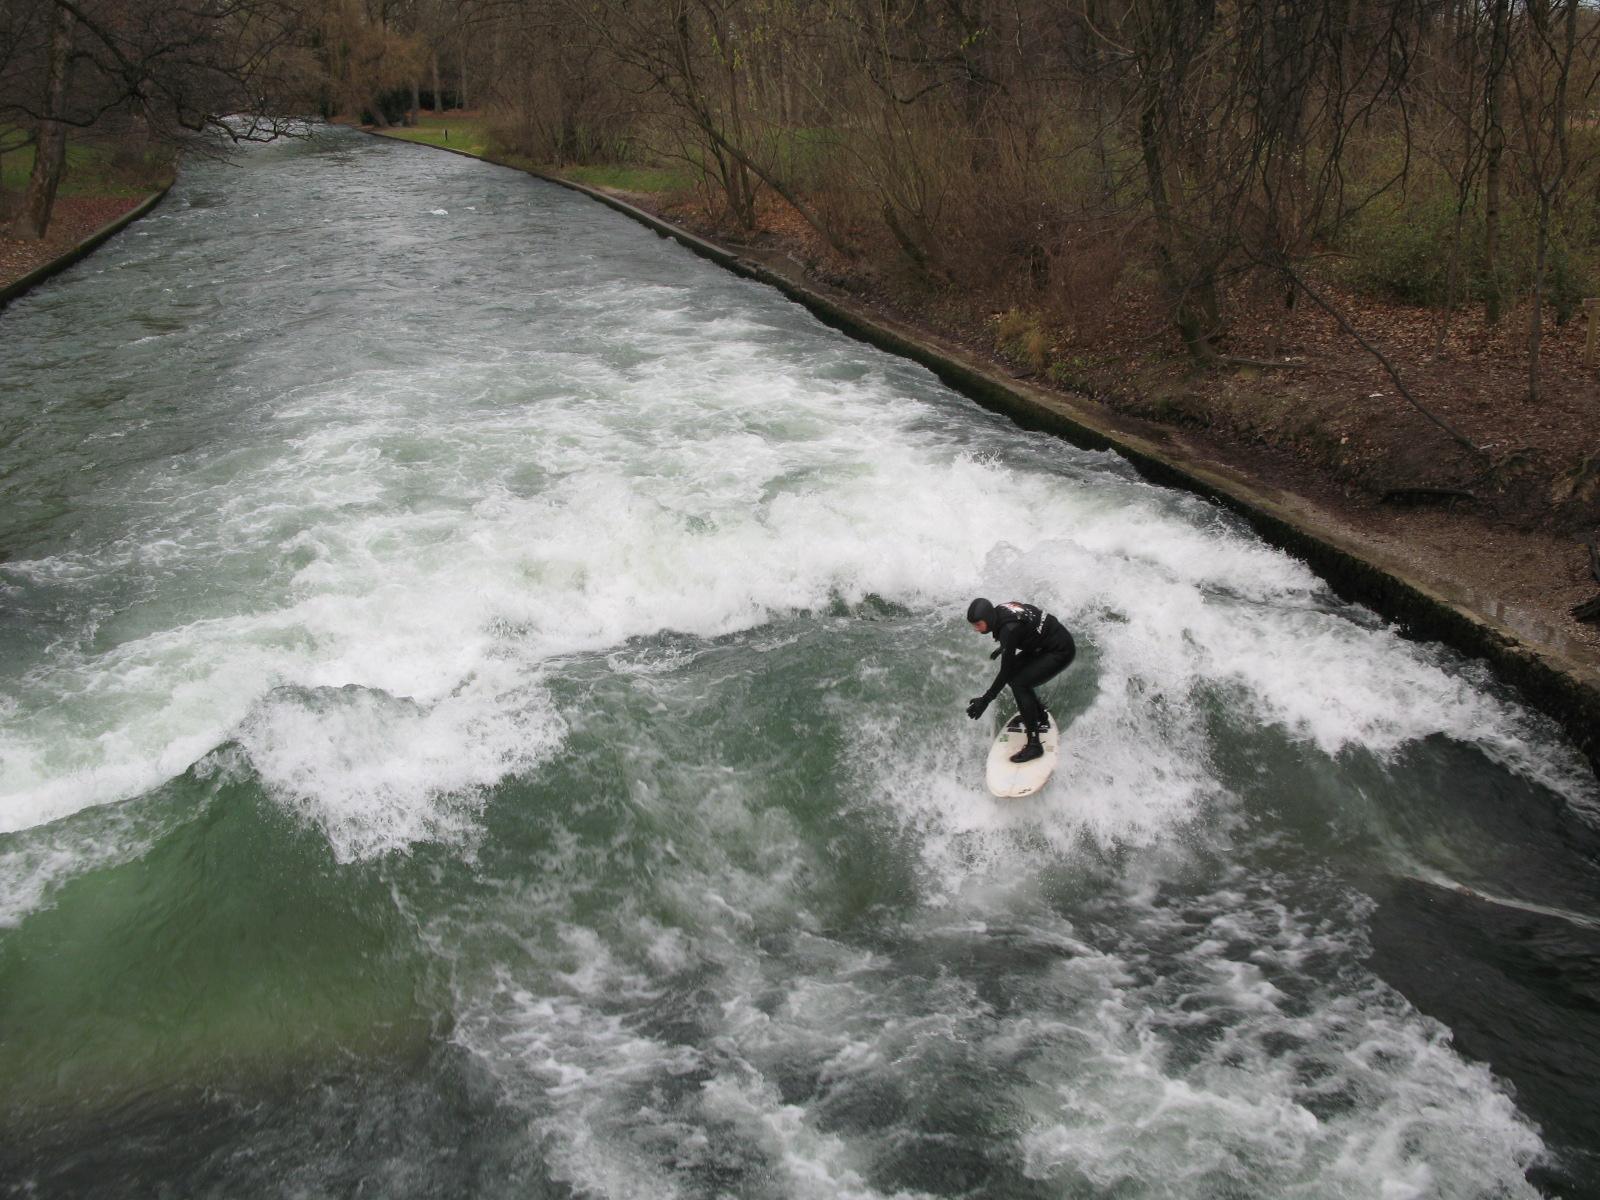 Surfeando en Munich